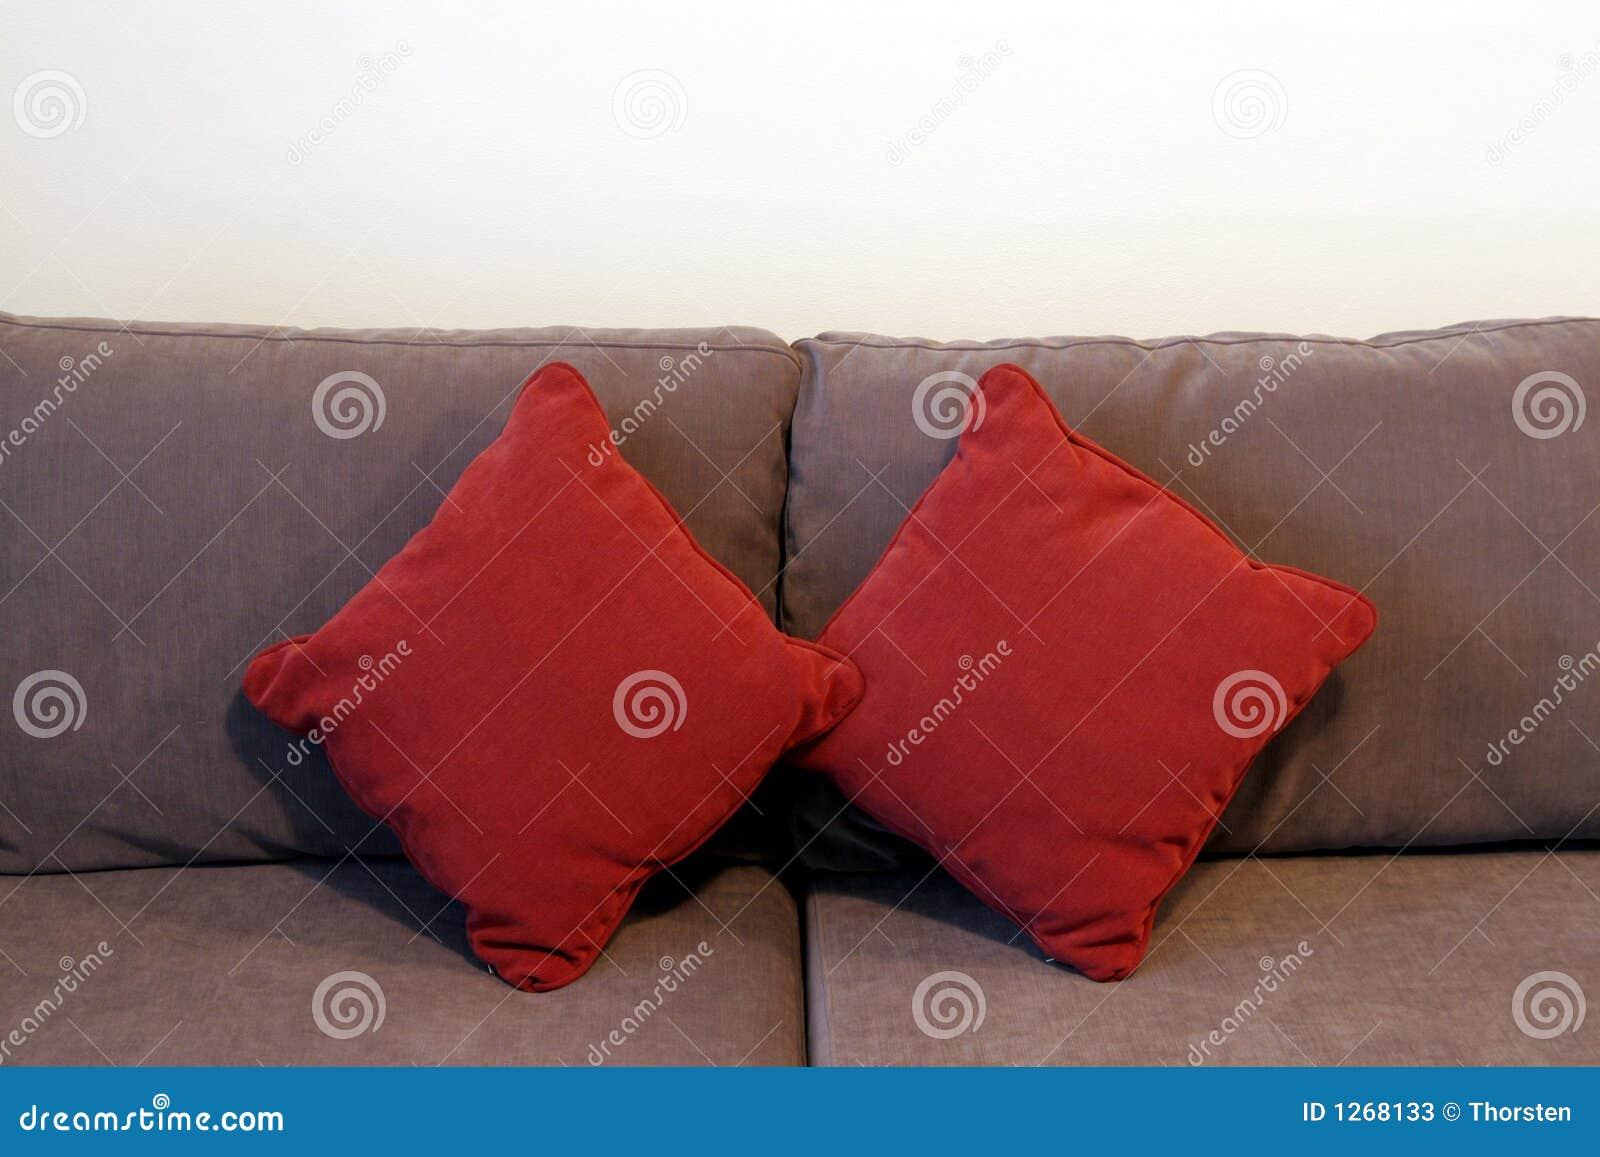 Rode Kussens Ikea : Rode kussens ikea: kussens ikea. rode kussens gallery of kussen met